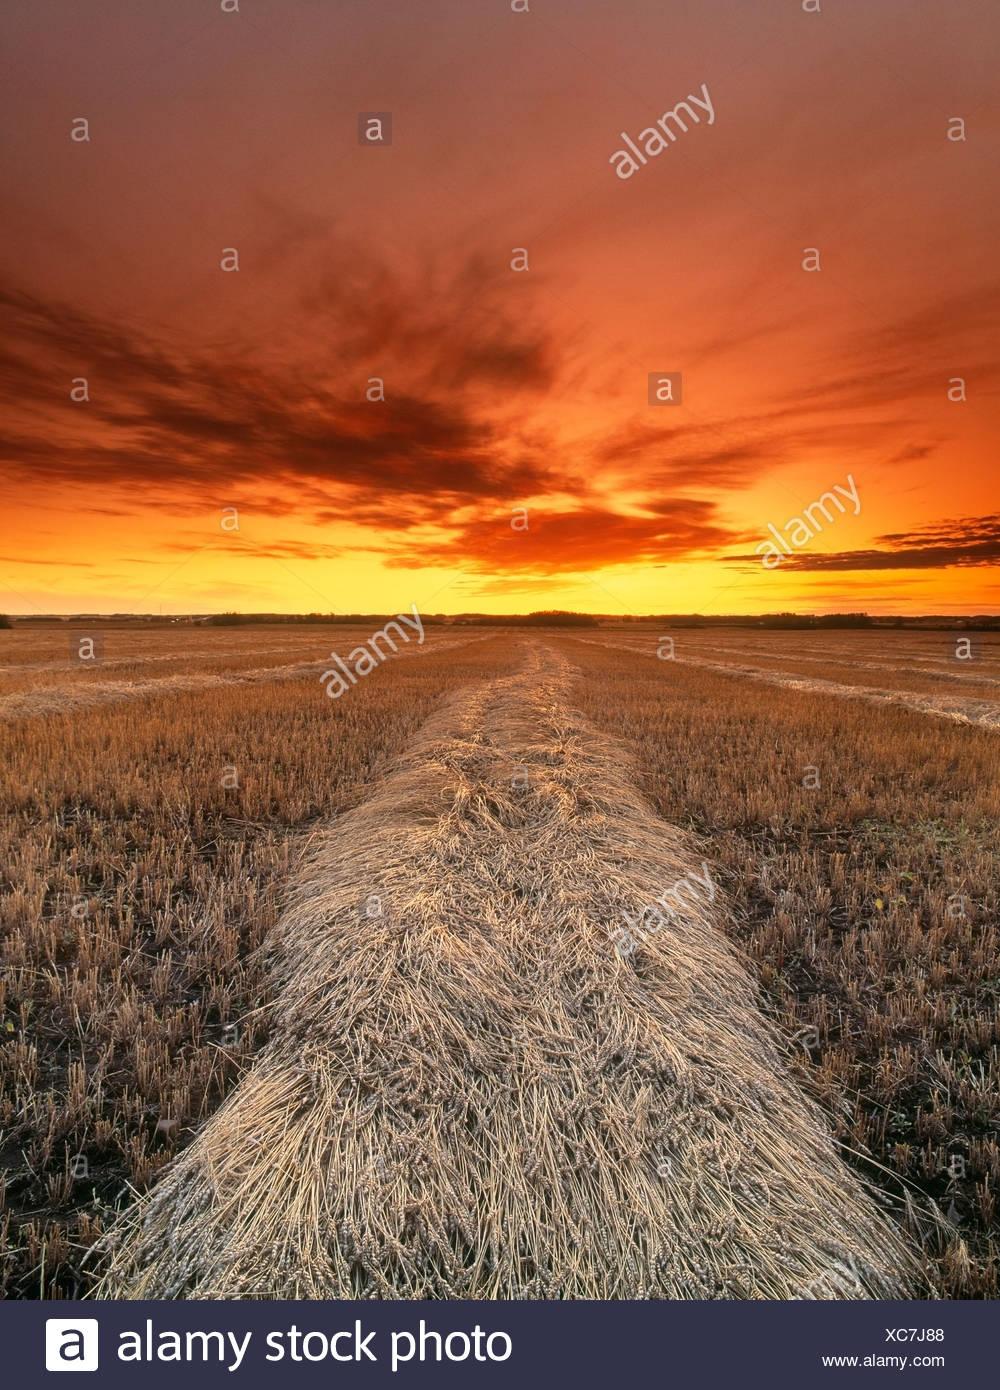 Récolte de blé récoltés au coucher du soleil à l'automne, Leduc, Alberta, Canada Photo Stock